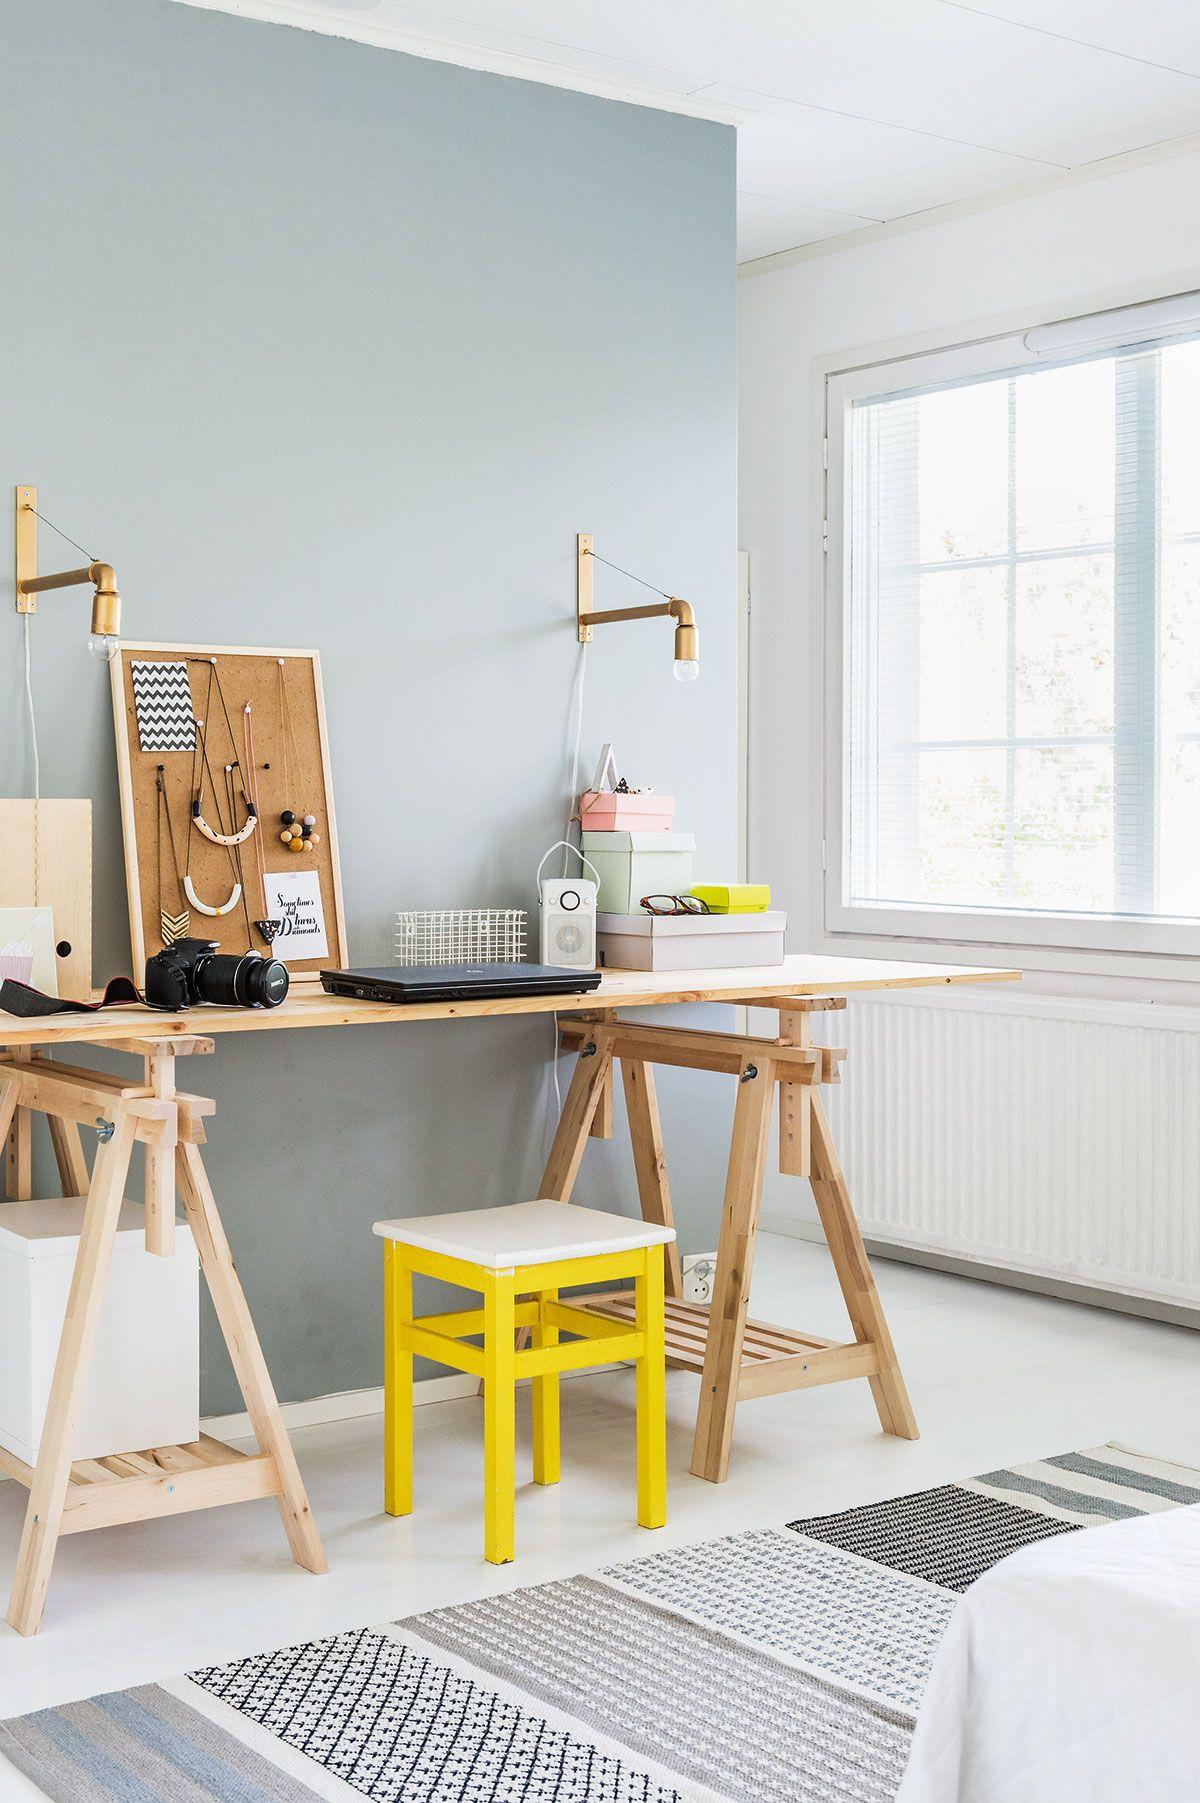 Makuuhuoneen työpisteen pöytä tehtiin liimapuu-levystä ja Ikean pukkijaloista. Korkkitaulussa roikkuvat korut Rilla on tehnyt Fimo-massasta. Matto on Vallilan. Harmaaksi maalatun seinän takana on vaatehuone, jonne pääsee kulkemaan työpisteen molemmilta puolilta.